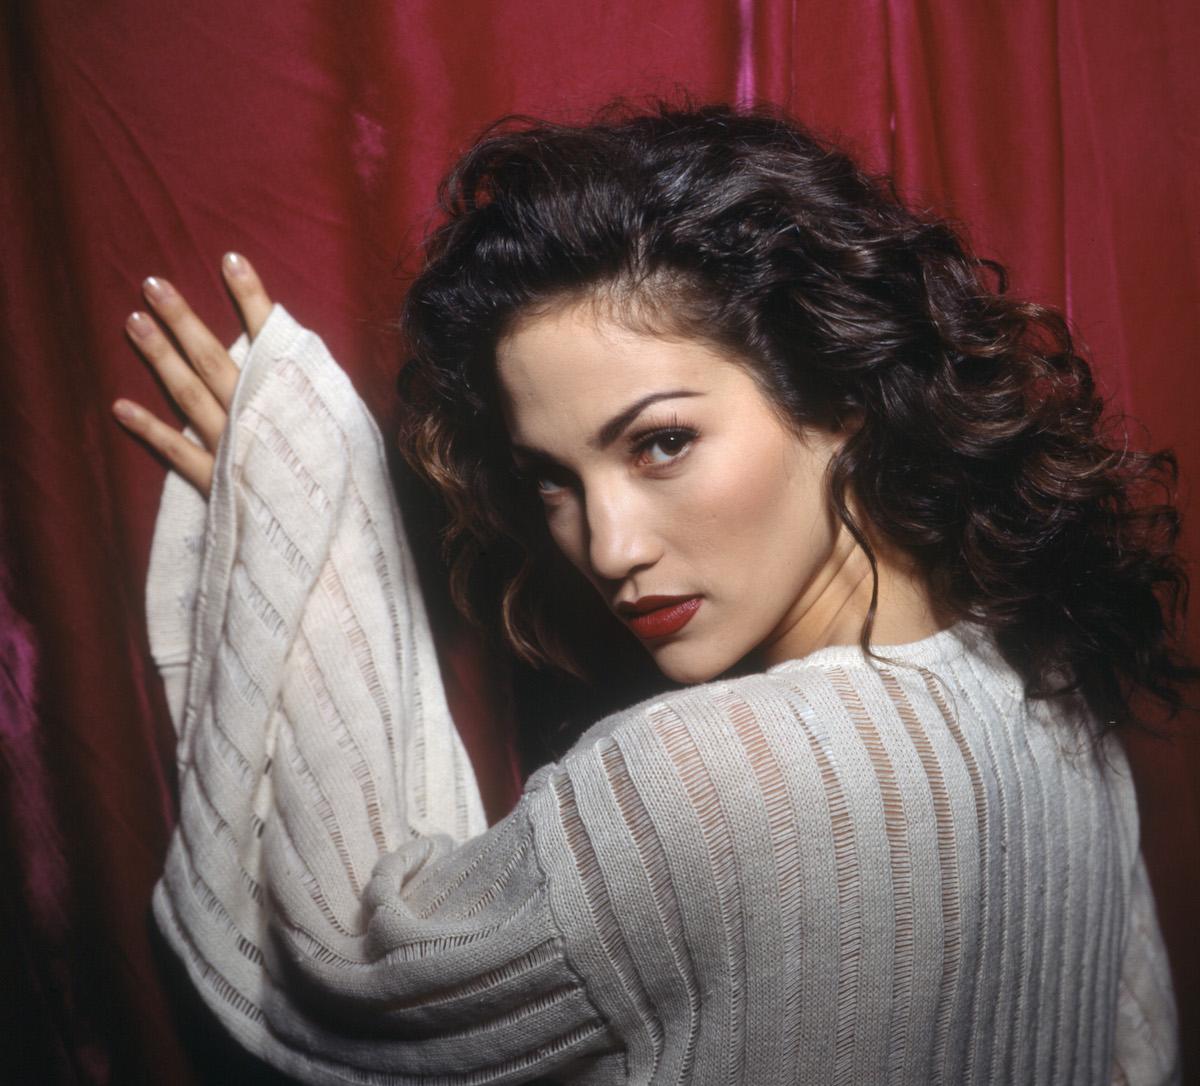 Jennifer Lopez as Melinda Lopez in the TV series 'Hotel Malibu' in 1994